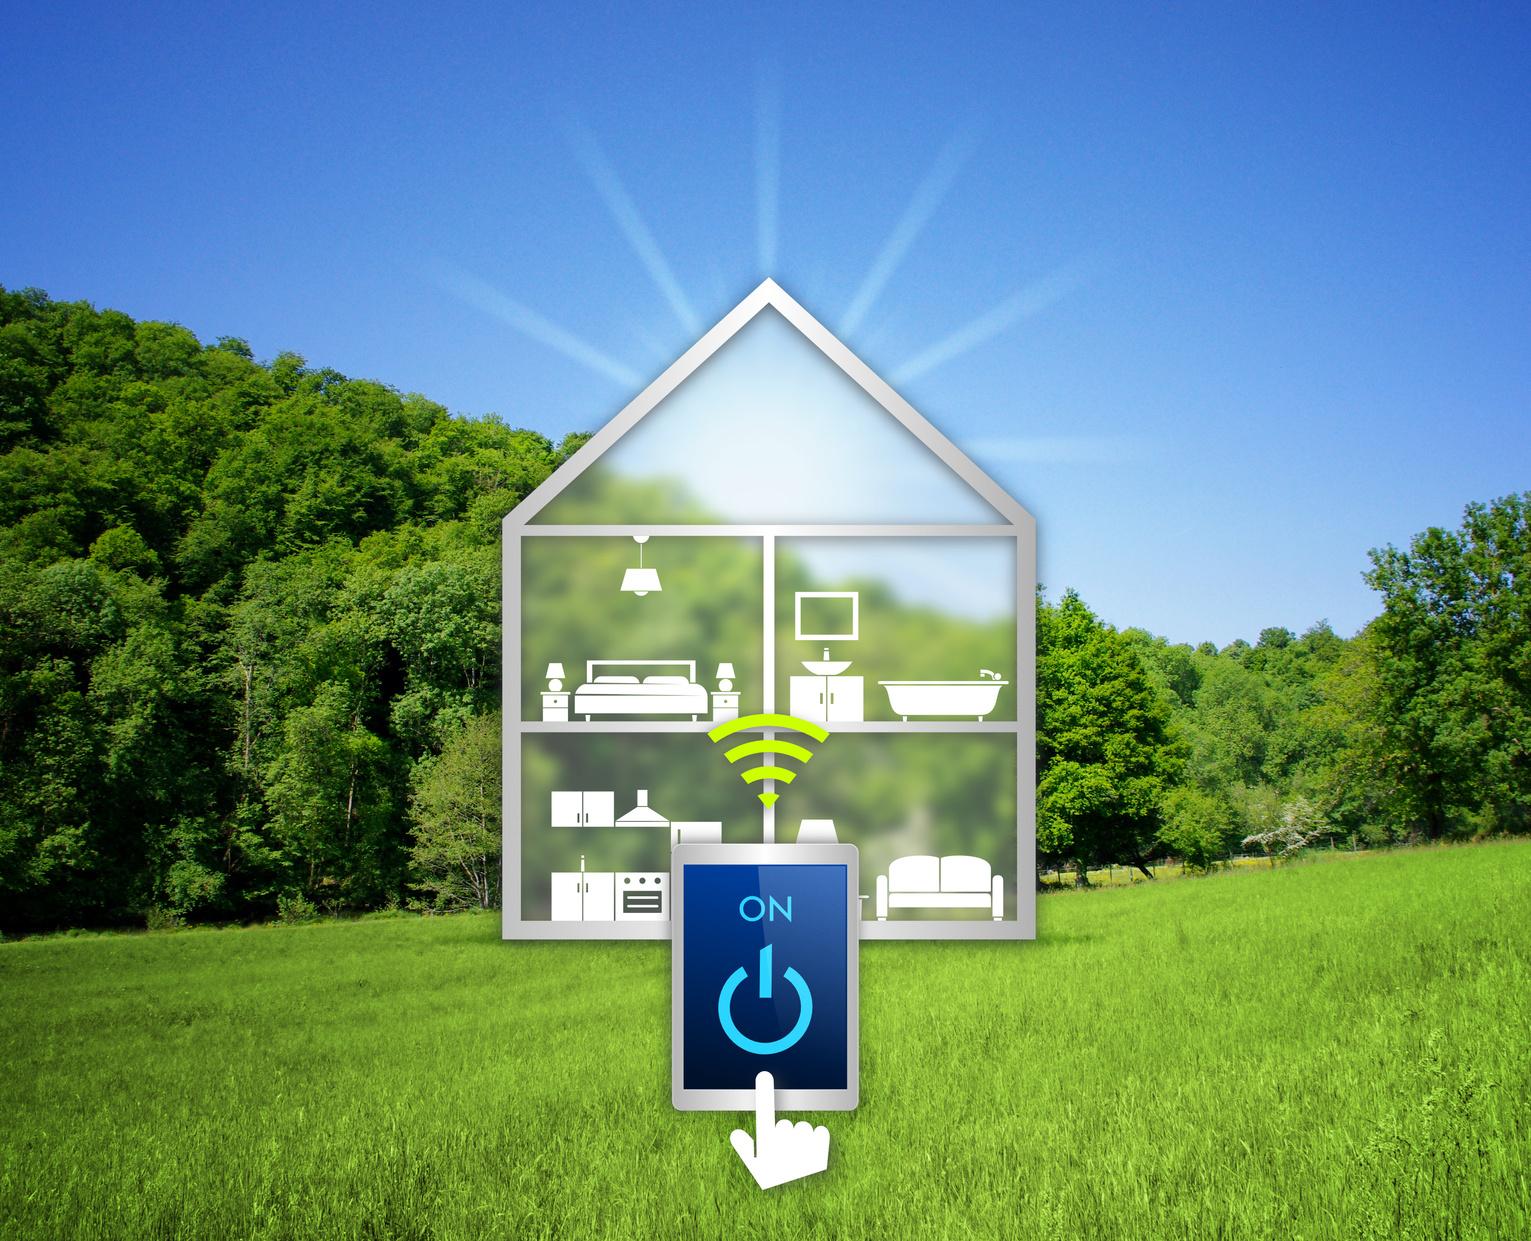 Tecnología AC: la solución para hogares 'devoradores' de ancho de banda